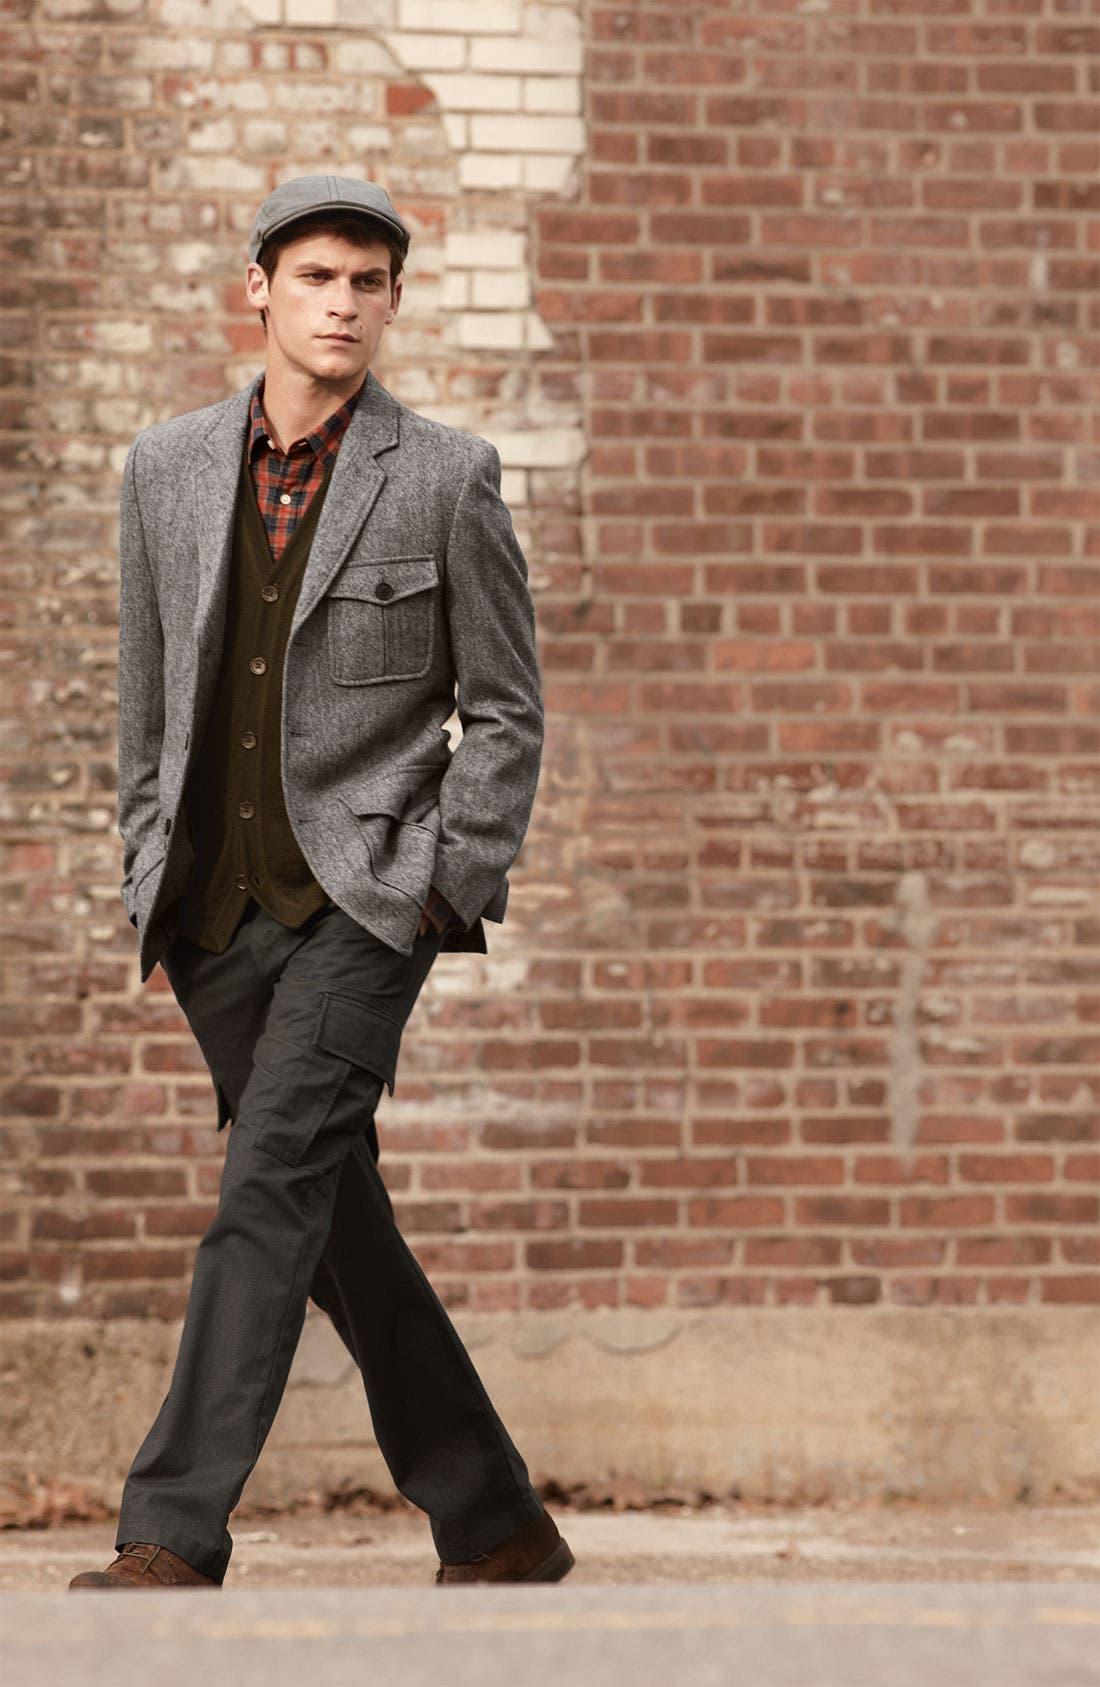 Main Image - Wallin & Bros. Sportcoat, Vest & Cargo Pants